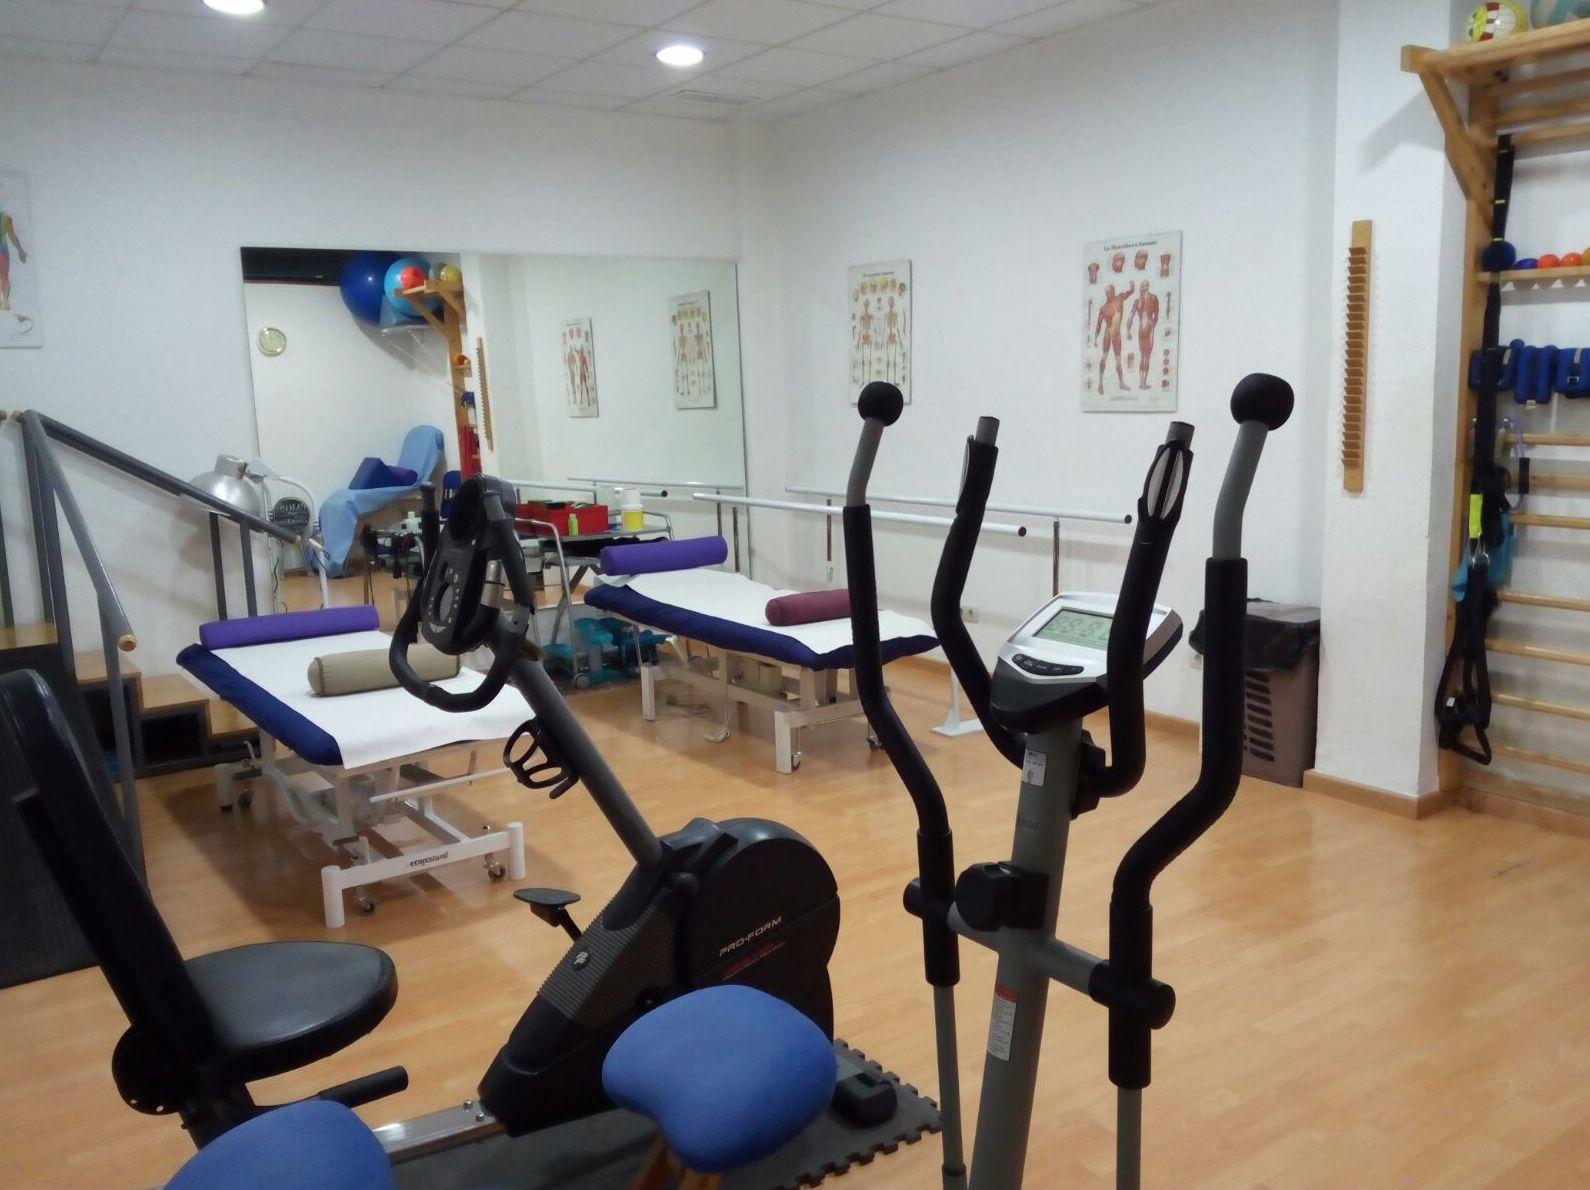 Rehabilitación: Catálogo/Servicios de Cefirem